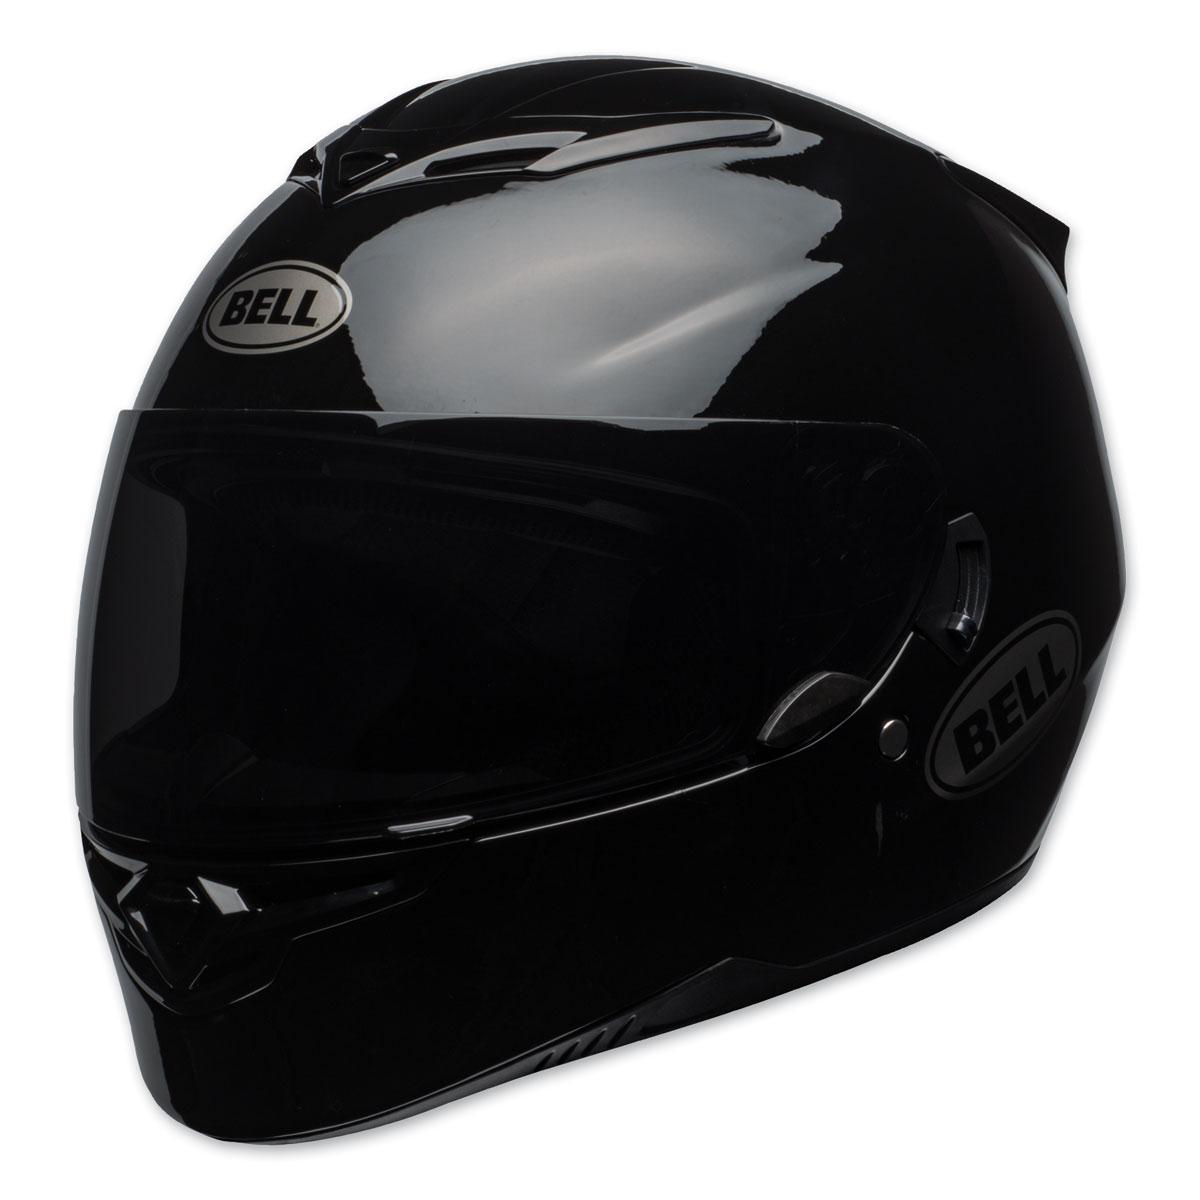 Bell Full Face Helmet >> Bell Rs 2 Gloss Black Full Face Helmet 7092207 Jpcycles Com